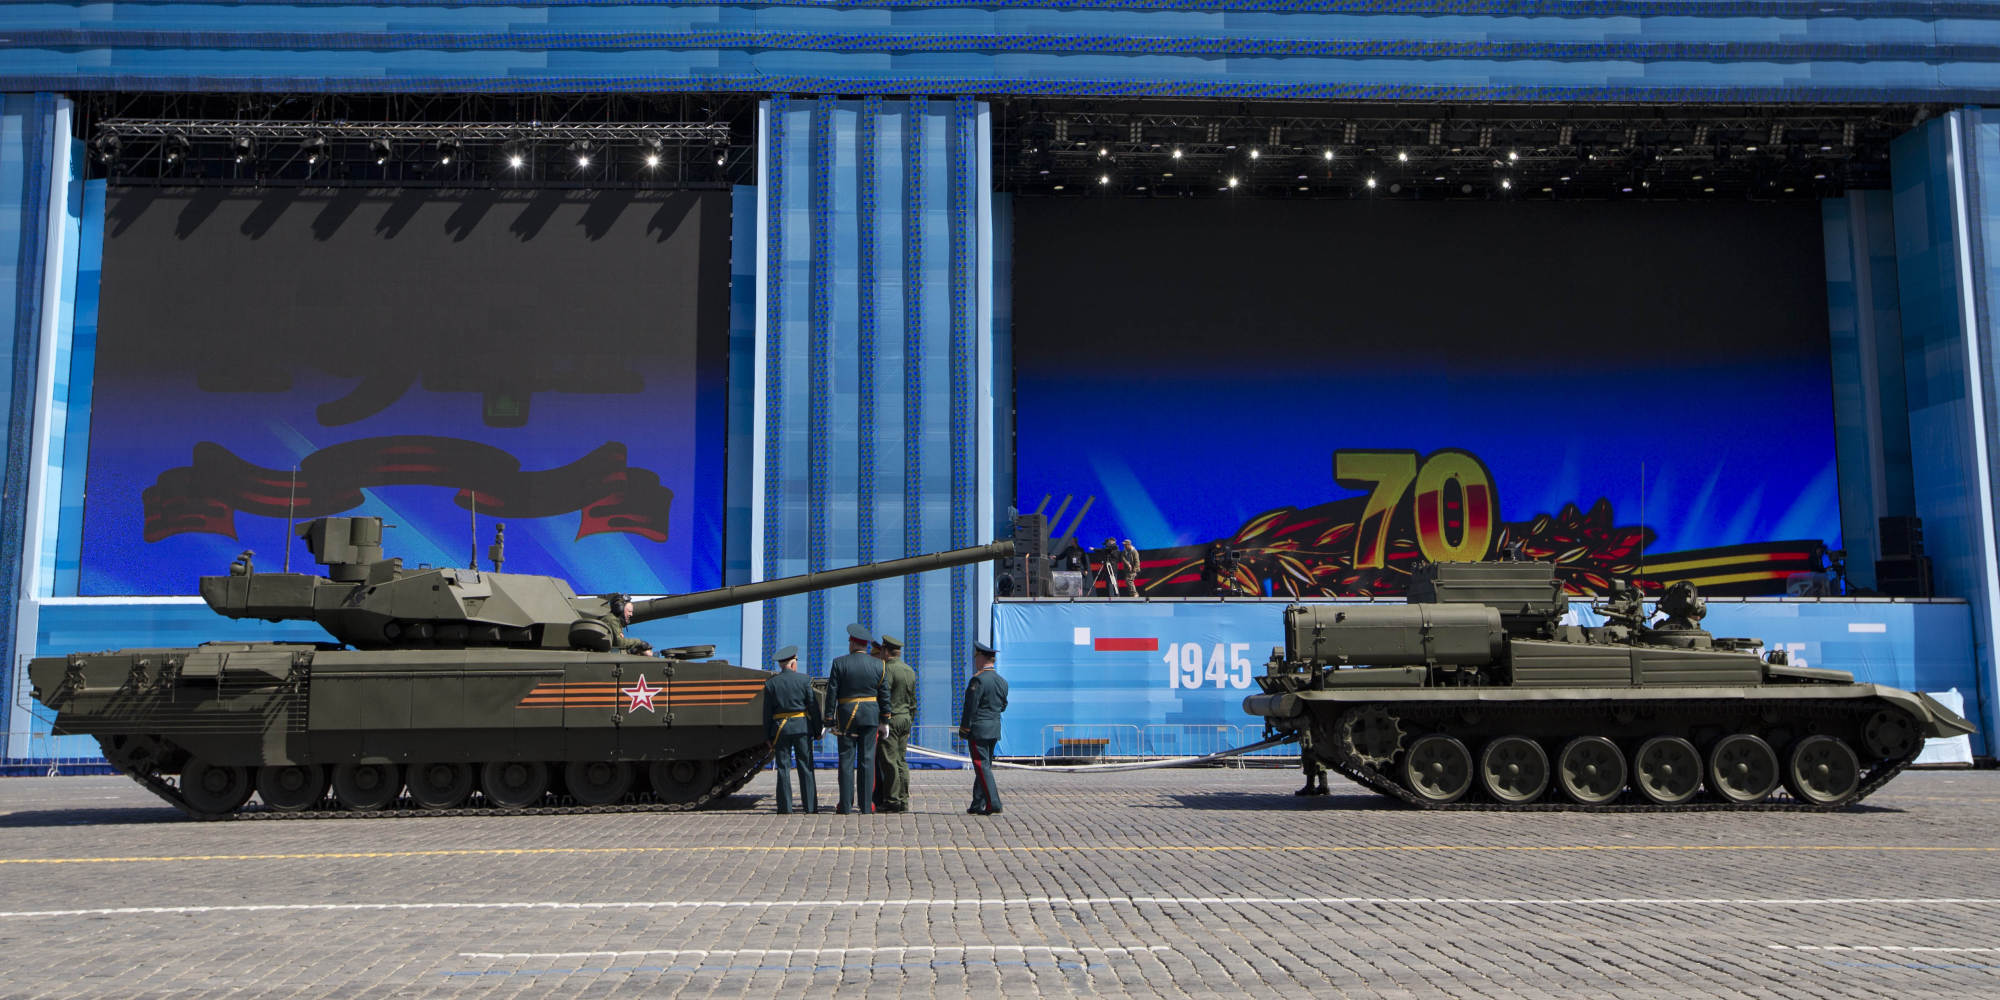 De paradas, desfiles y demás en rusia... - Página 2 O-STALLED-RUSSIAN-TANK-T14-ARMATA-facebook